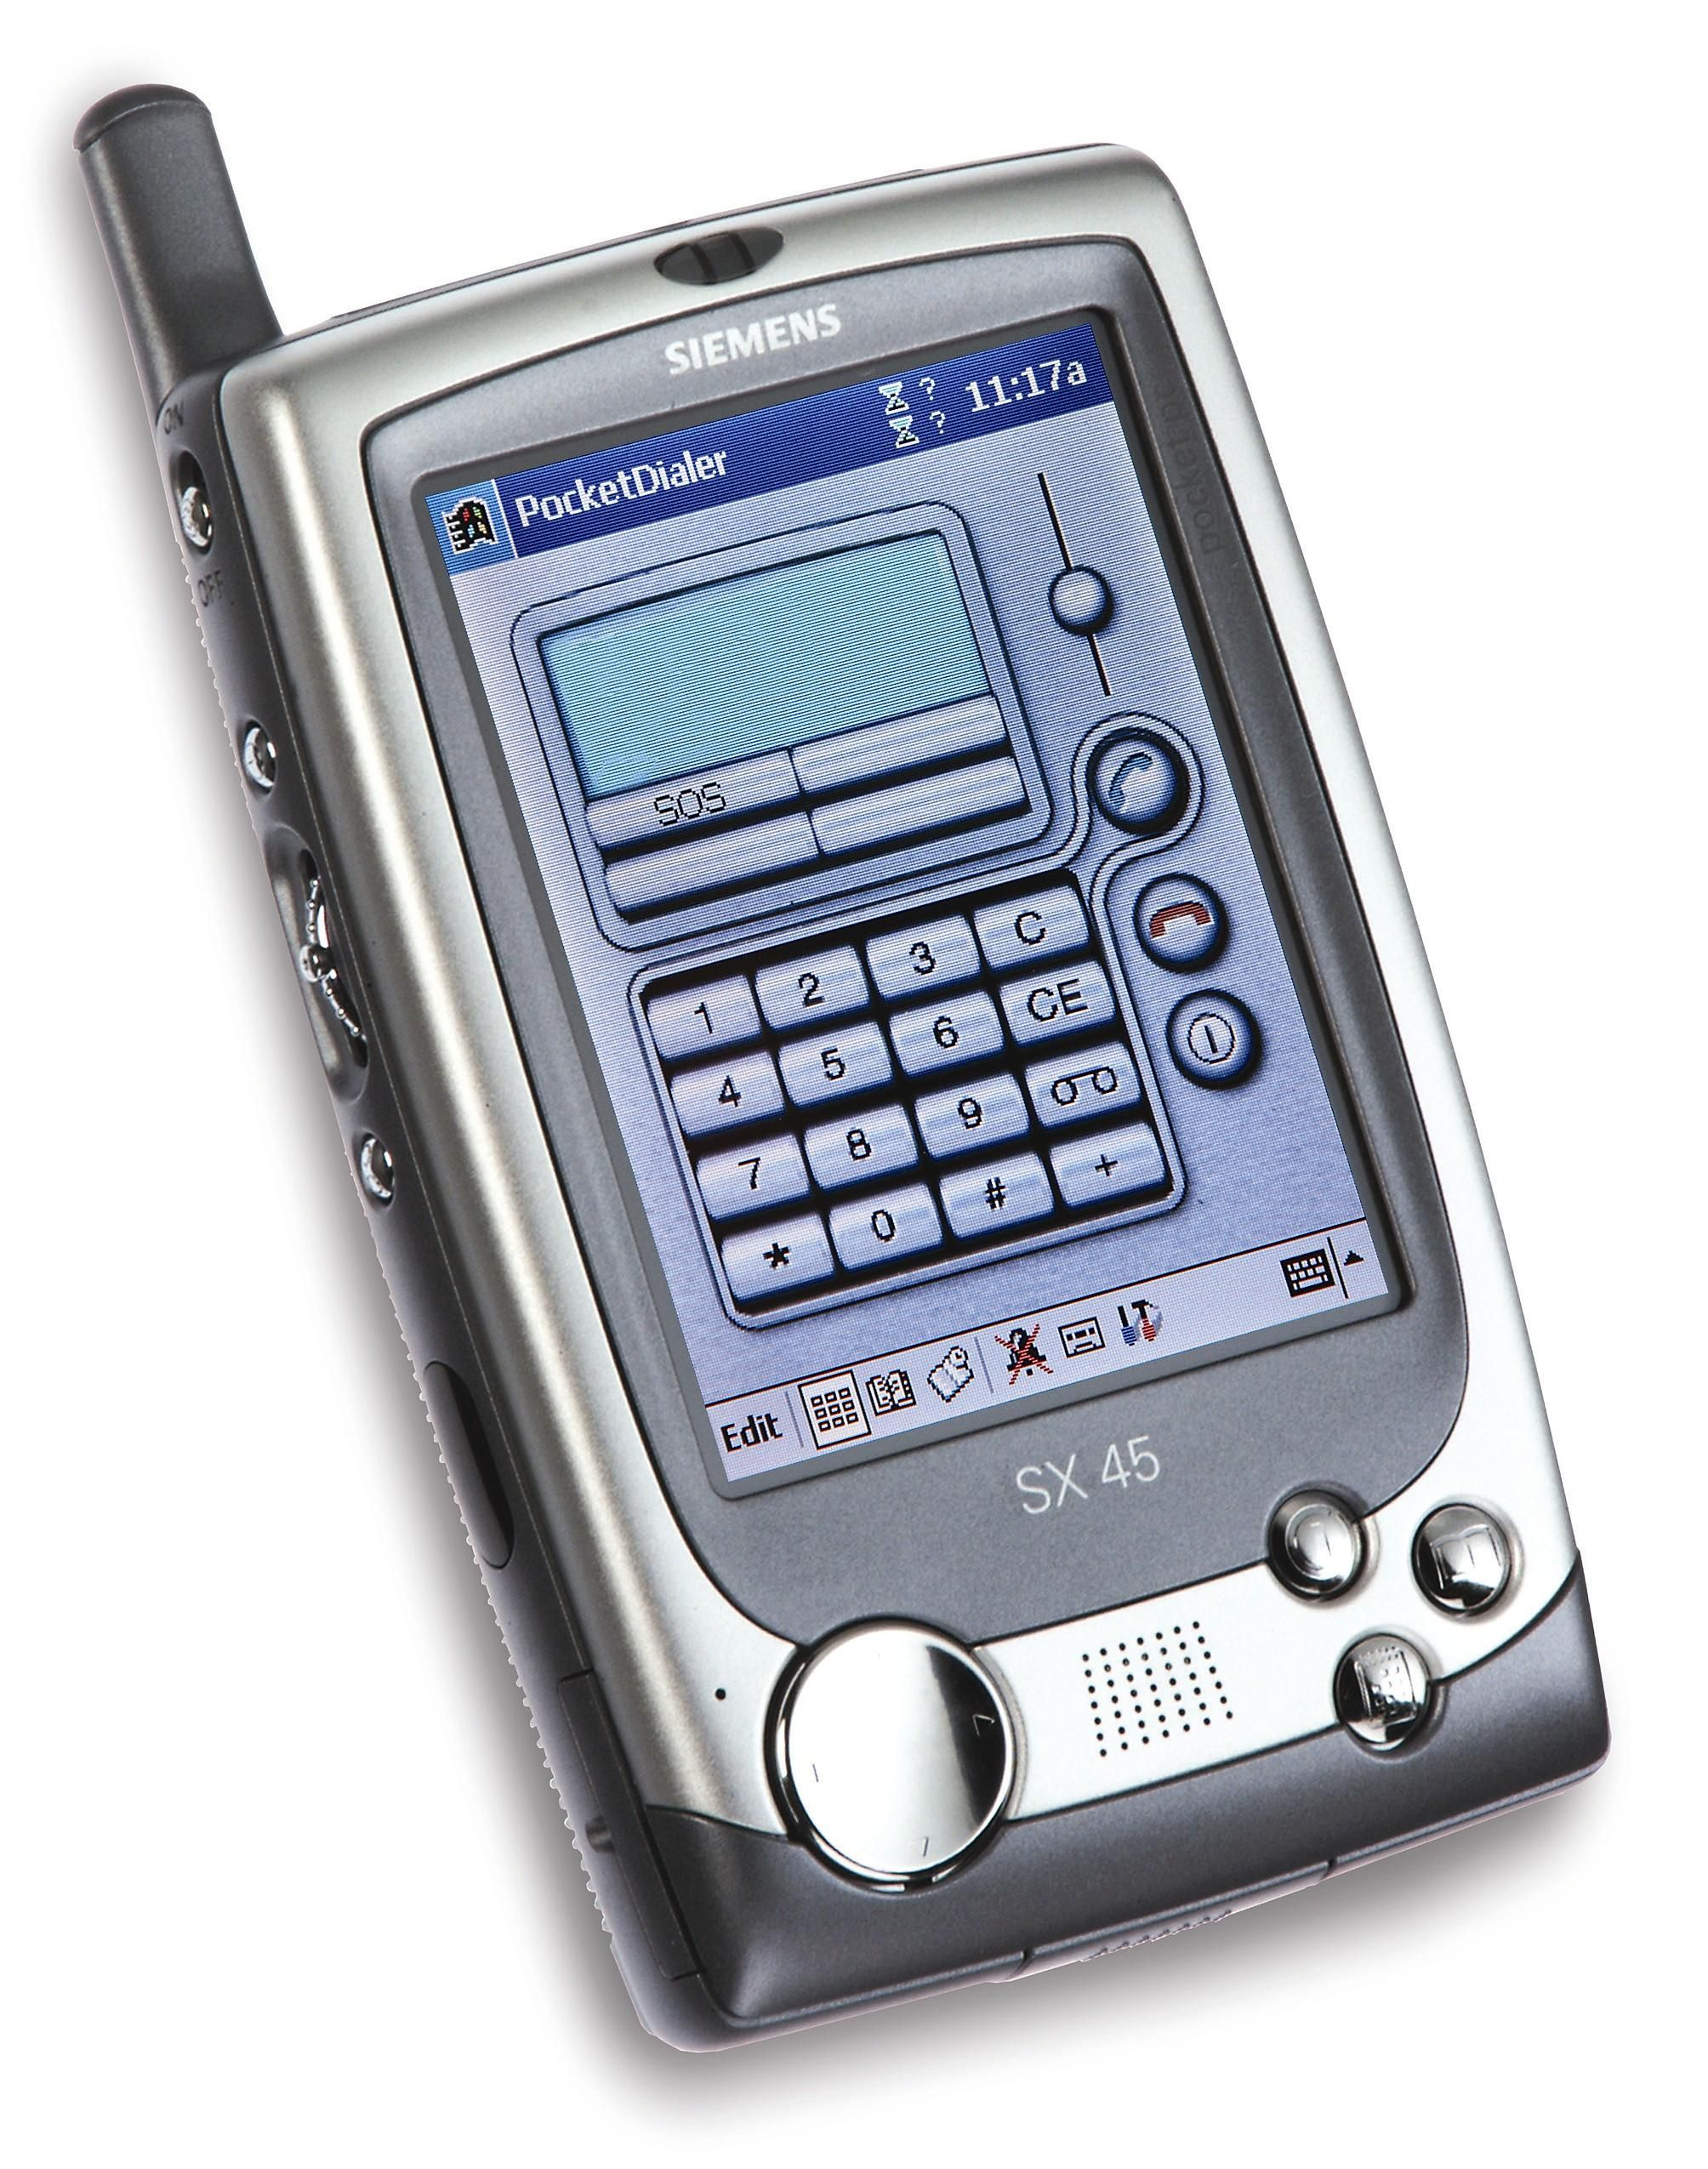 Siemens SX45 er en PDA du kan ringe med. Den kjørte Windows CE, og var nok ikke riktig like frisk i frasparket som dagens smartmobiler. Men den kom med apper og touch-skjerm lenge før noen hadde hørt om iPhone.